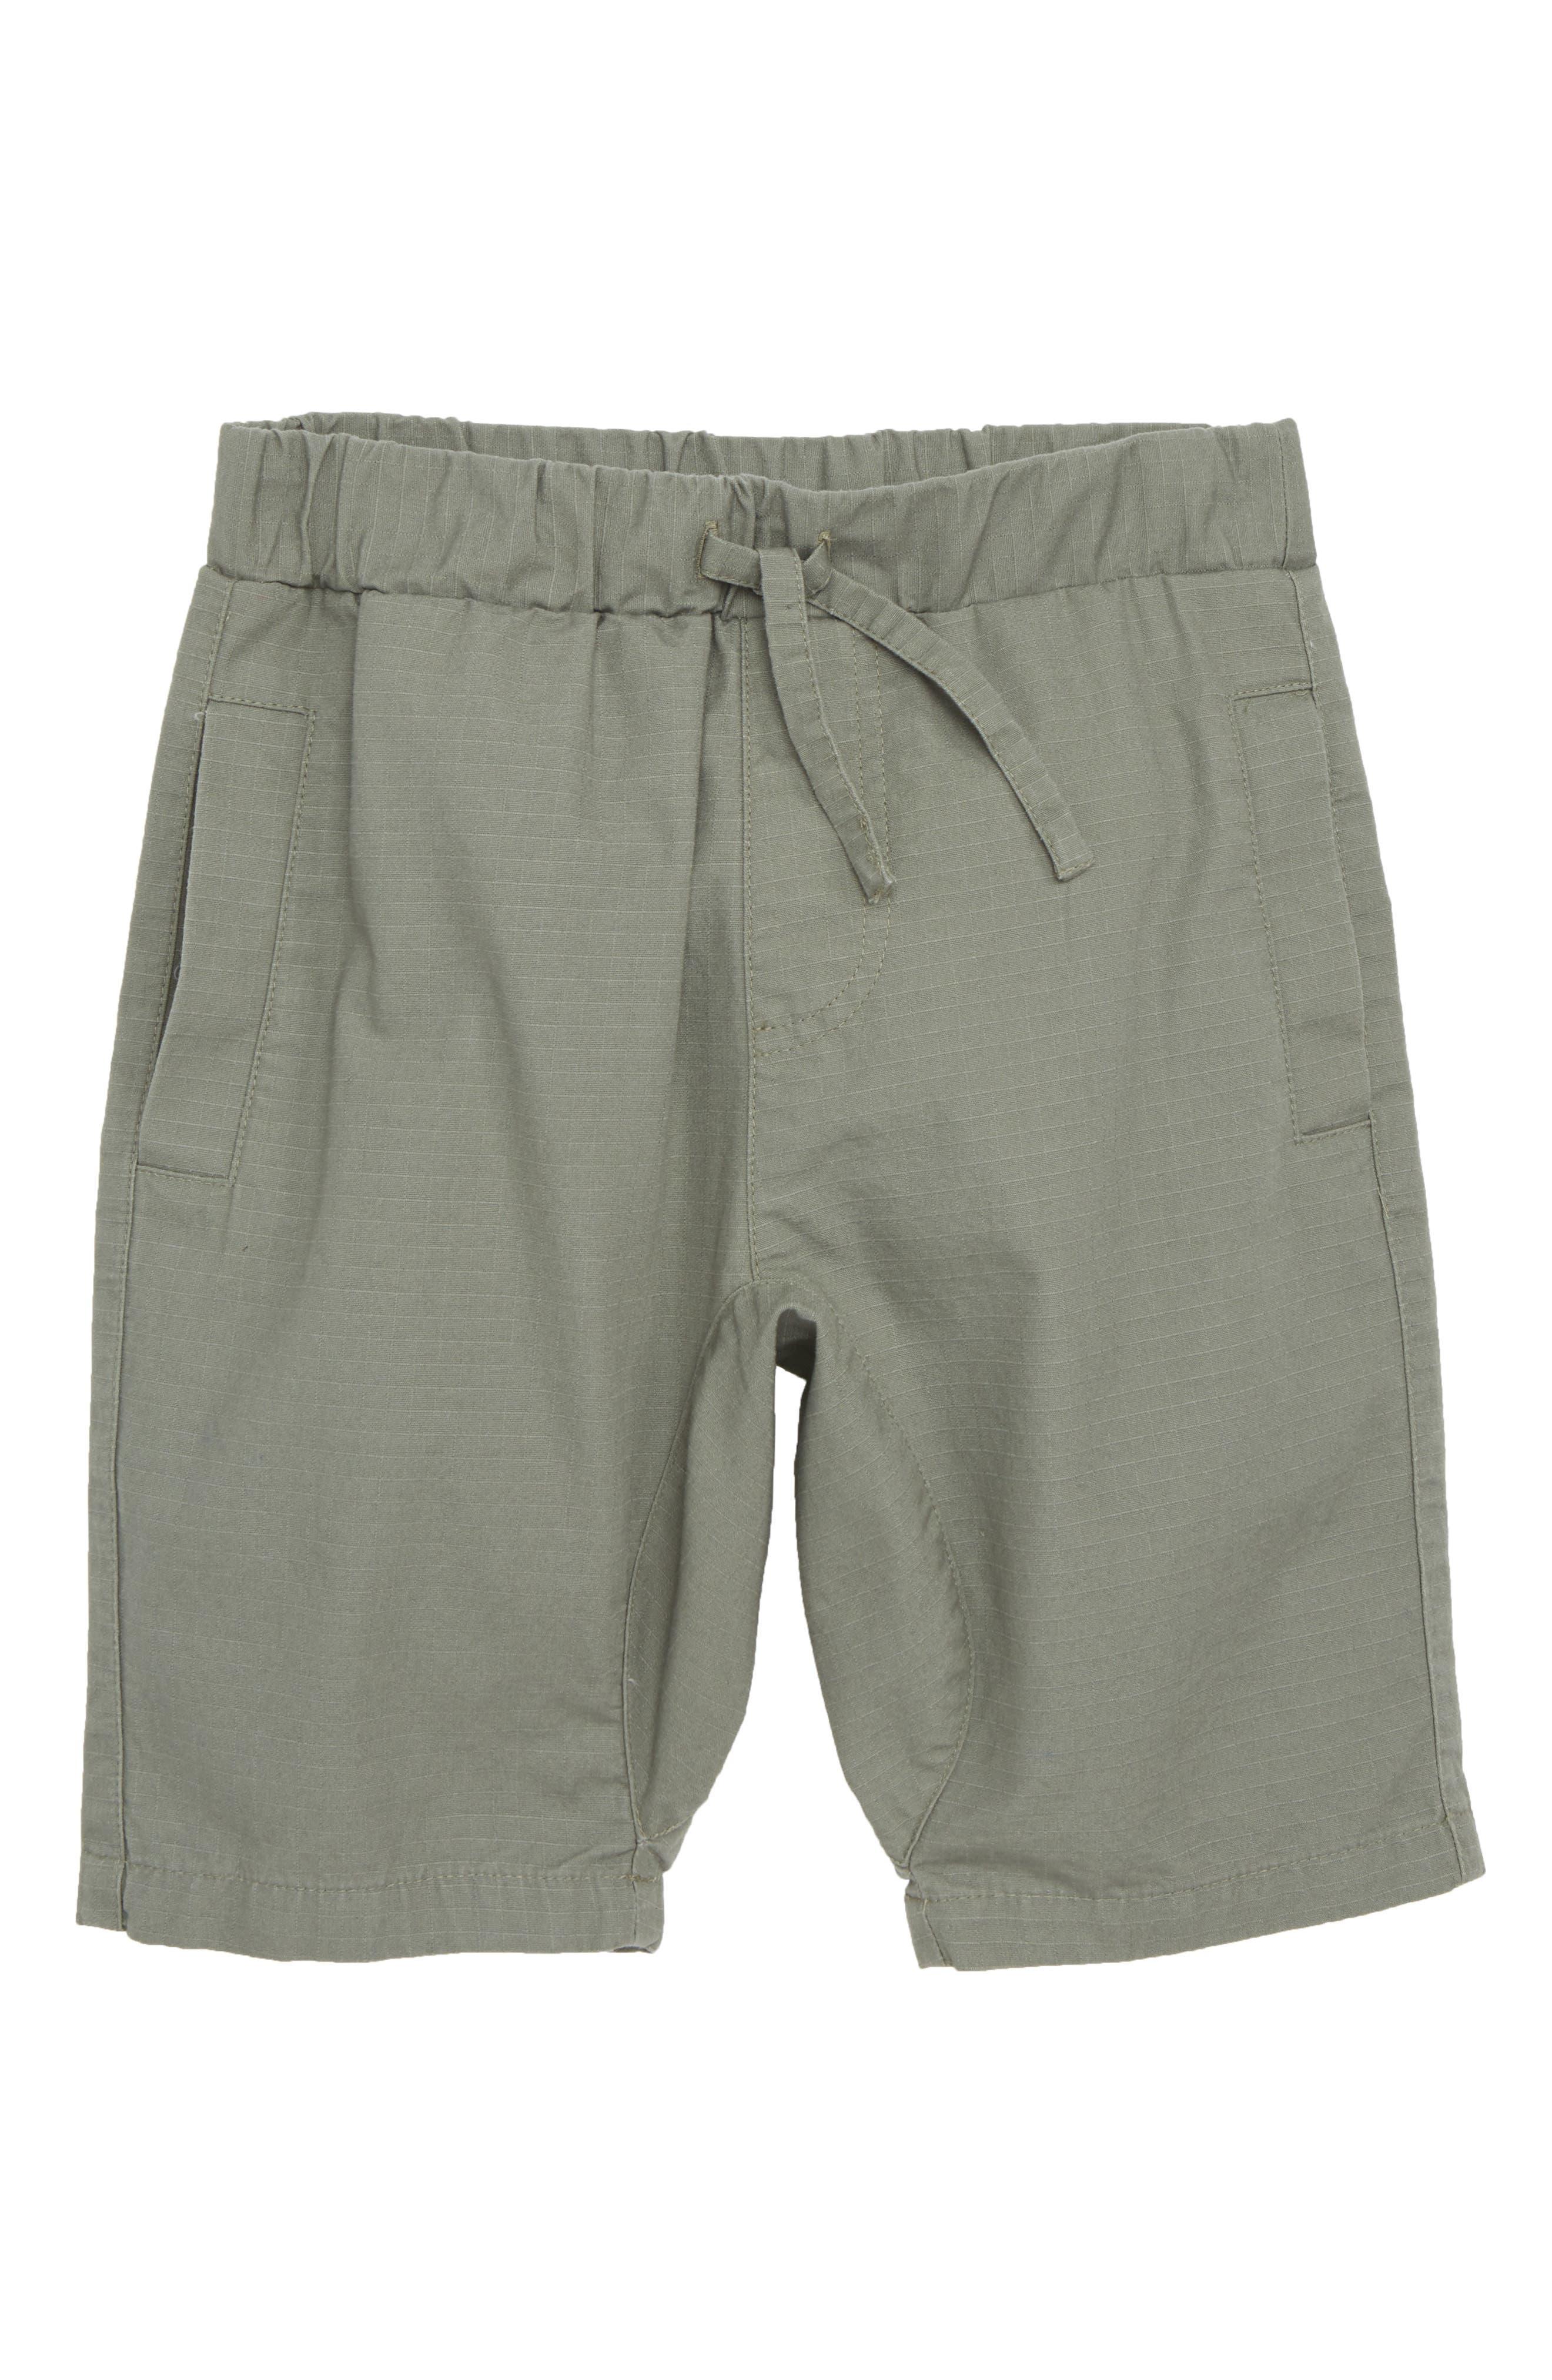 Ripstop Shorts,                             Main thumbnail 1, color,                             301